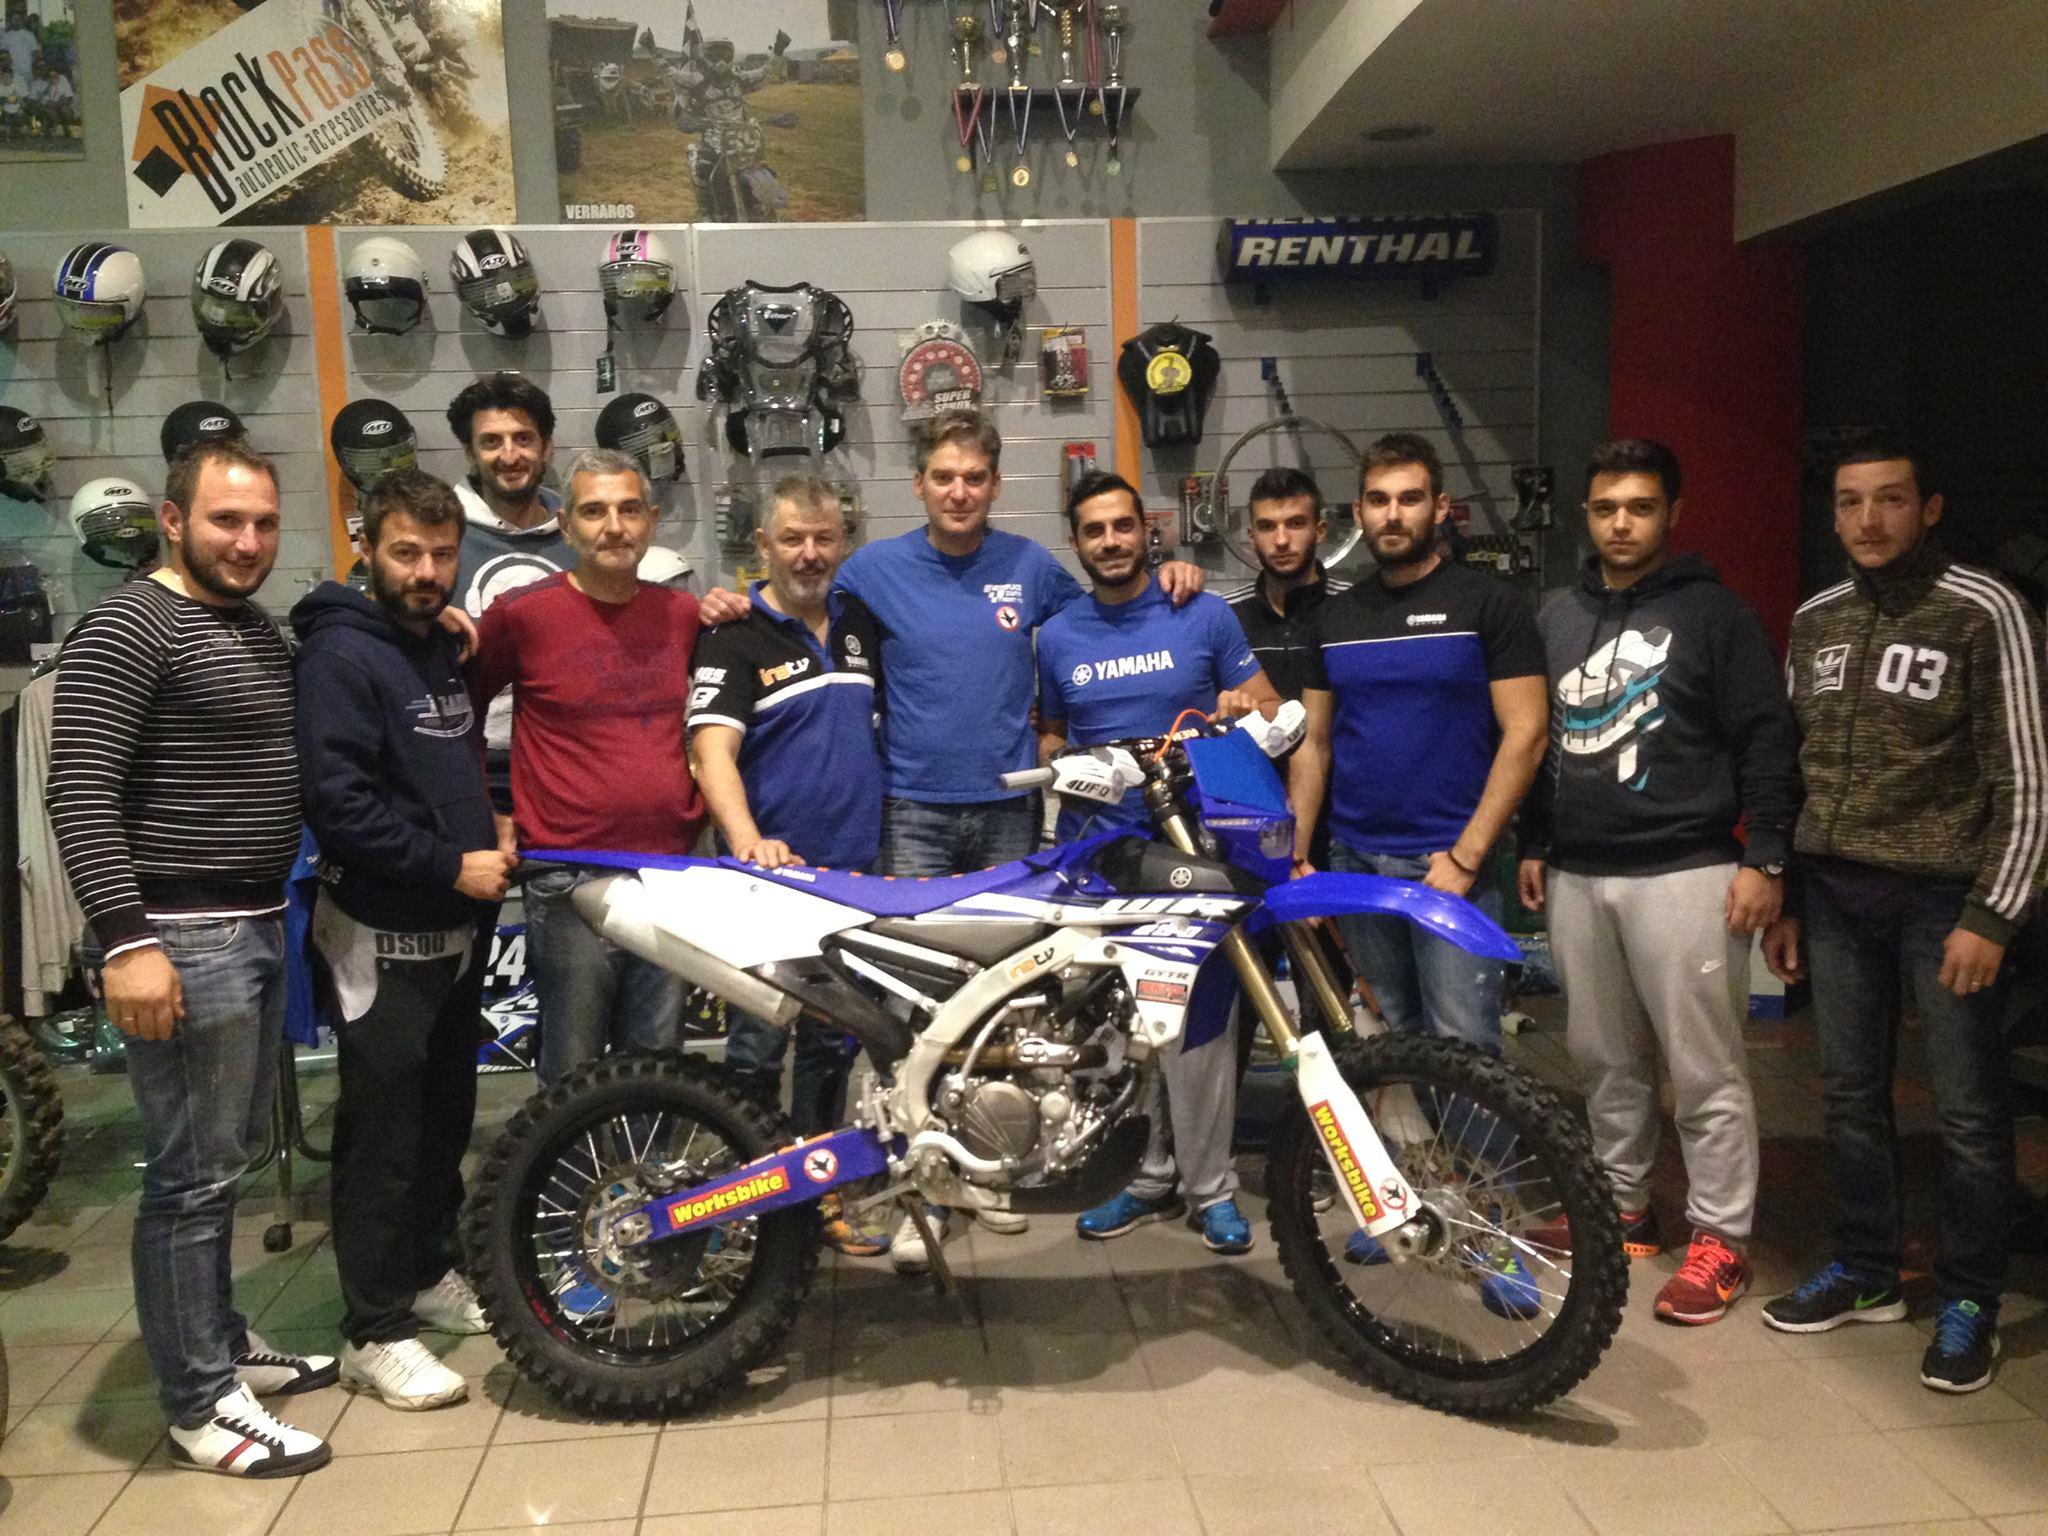 Μεσσηνιακή Ομάδα Motocross - Δ. Χελιώτης